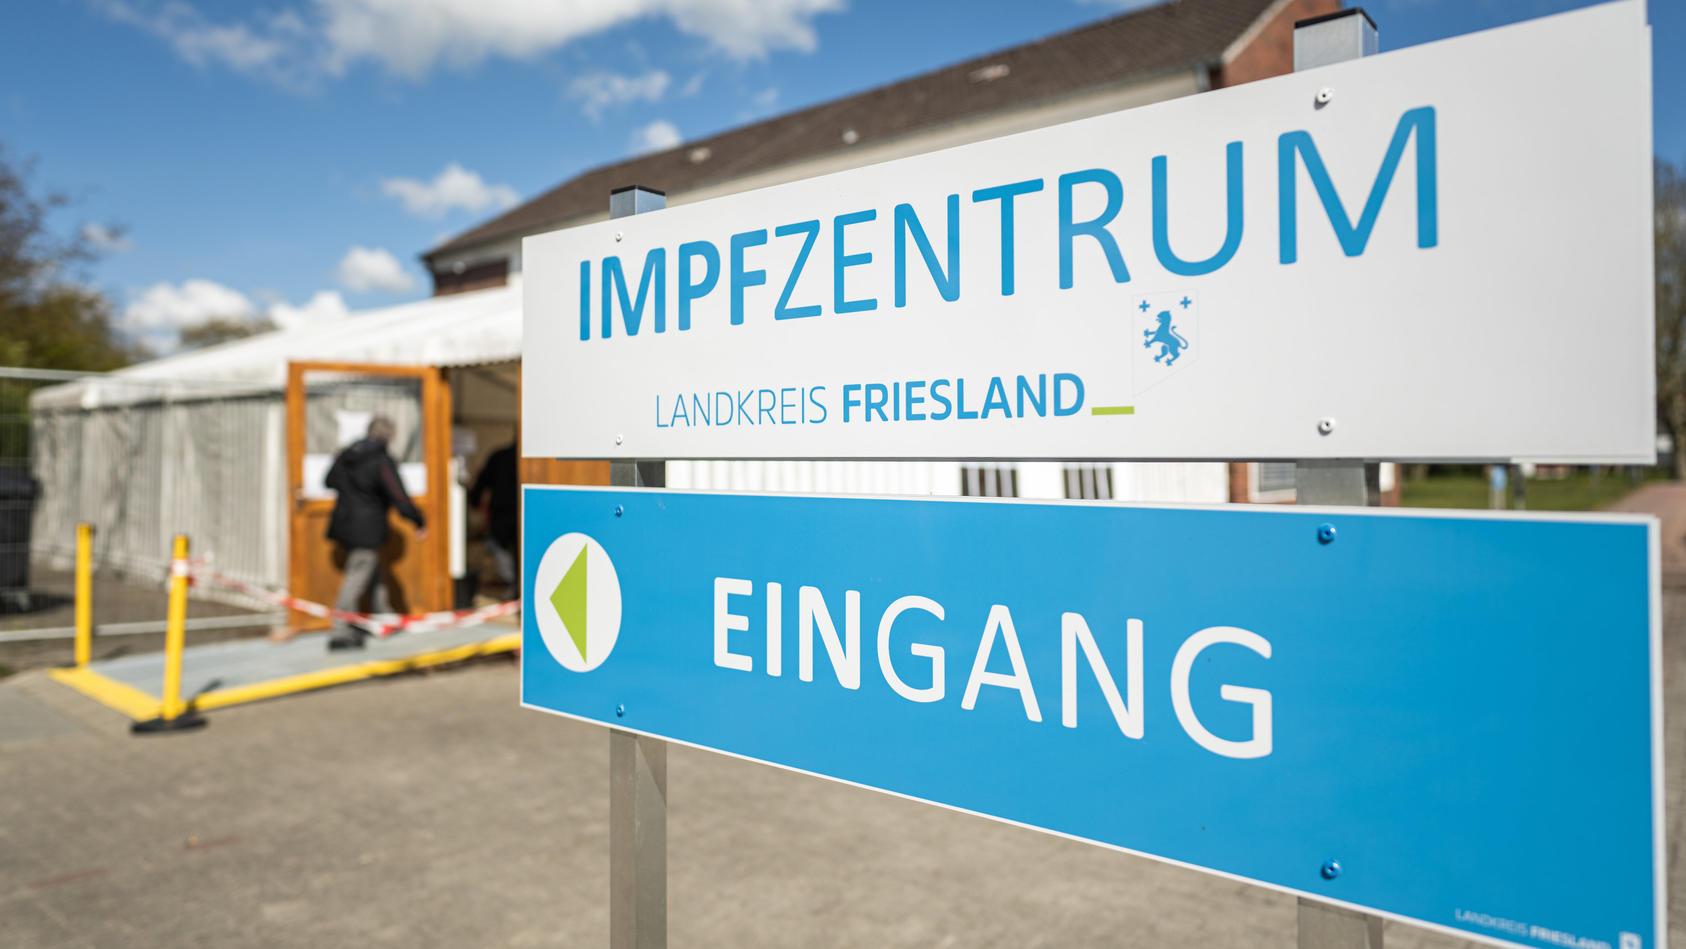 In einem Impfzentrum in Friesland verwendete eine Krankenschwester Kochsalzlösung statt Corona-Impfstoff.